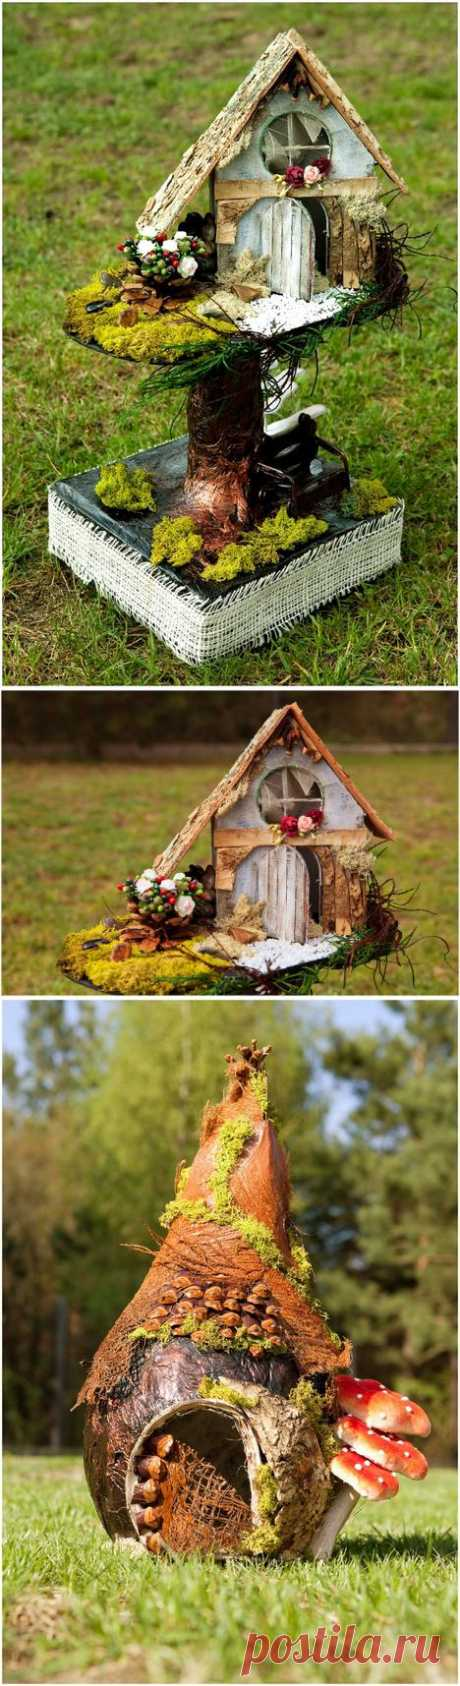 Las casitas decorativas de los materiales naturales.